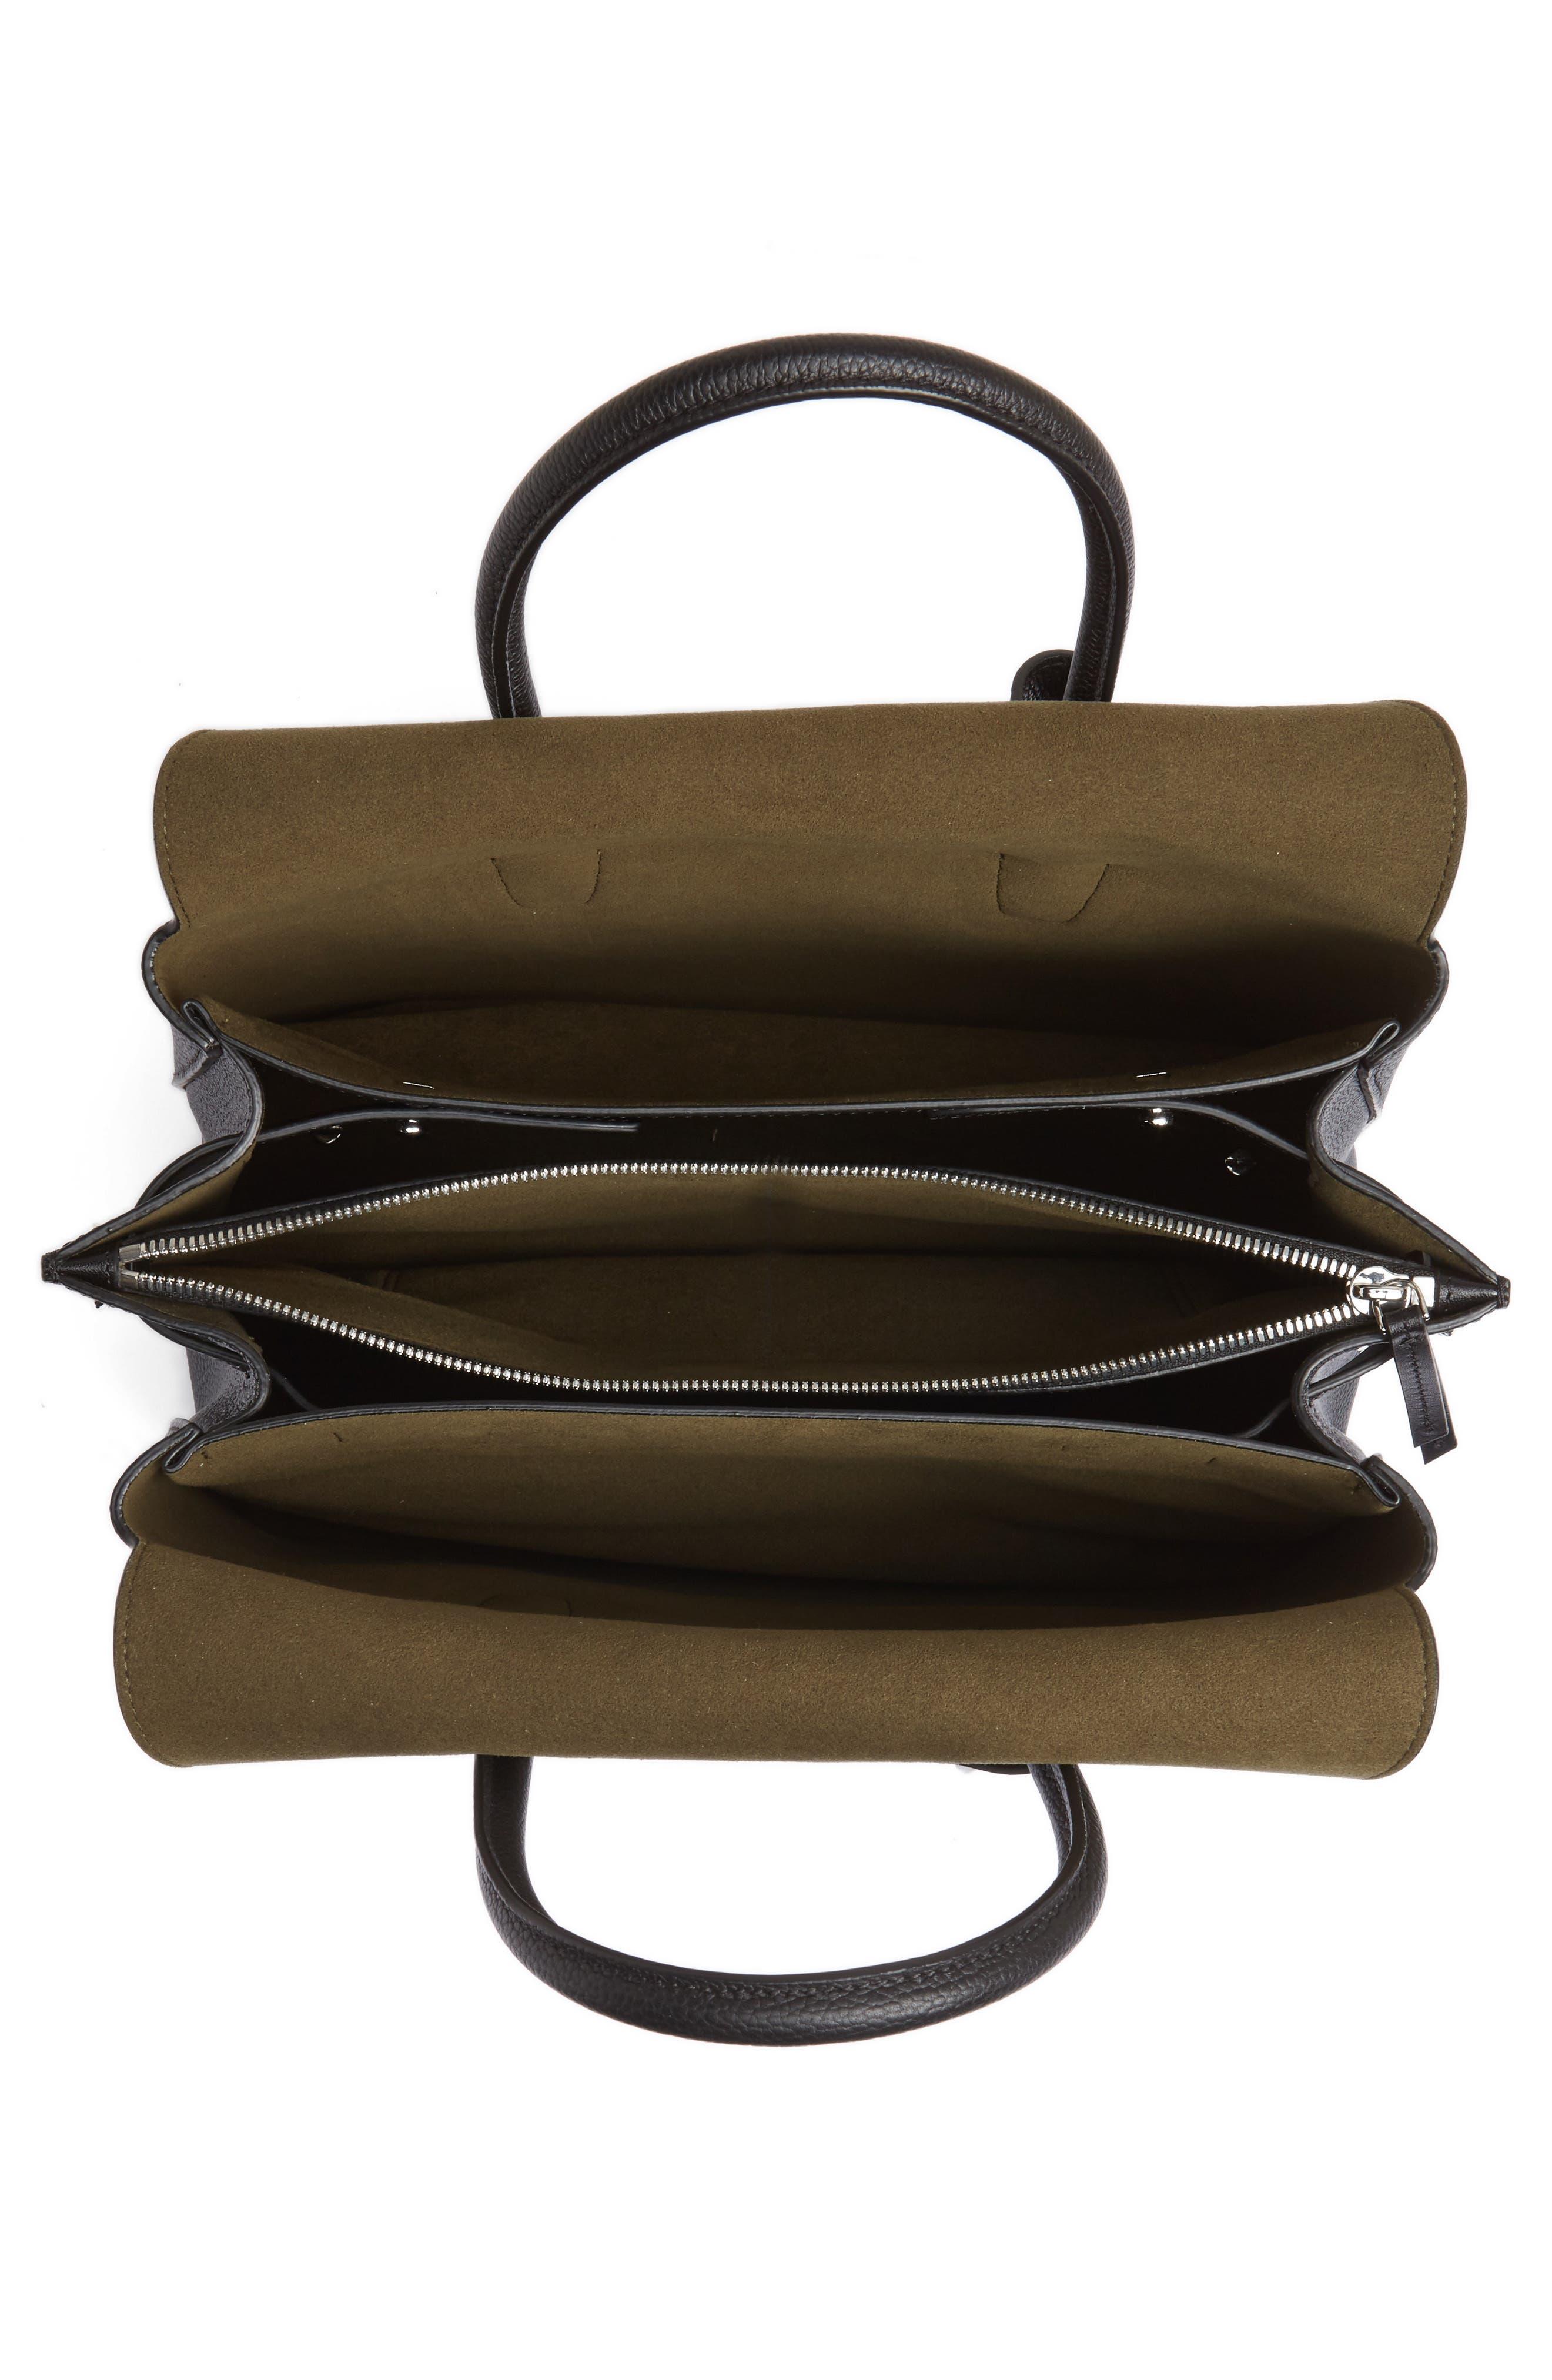 Medium Milla Studded Leather Tote,                             Alternate thumbnail 3, color,                             Black